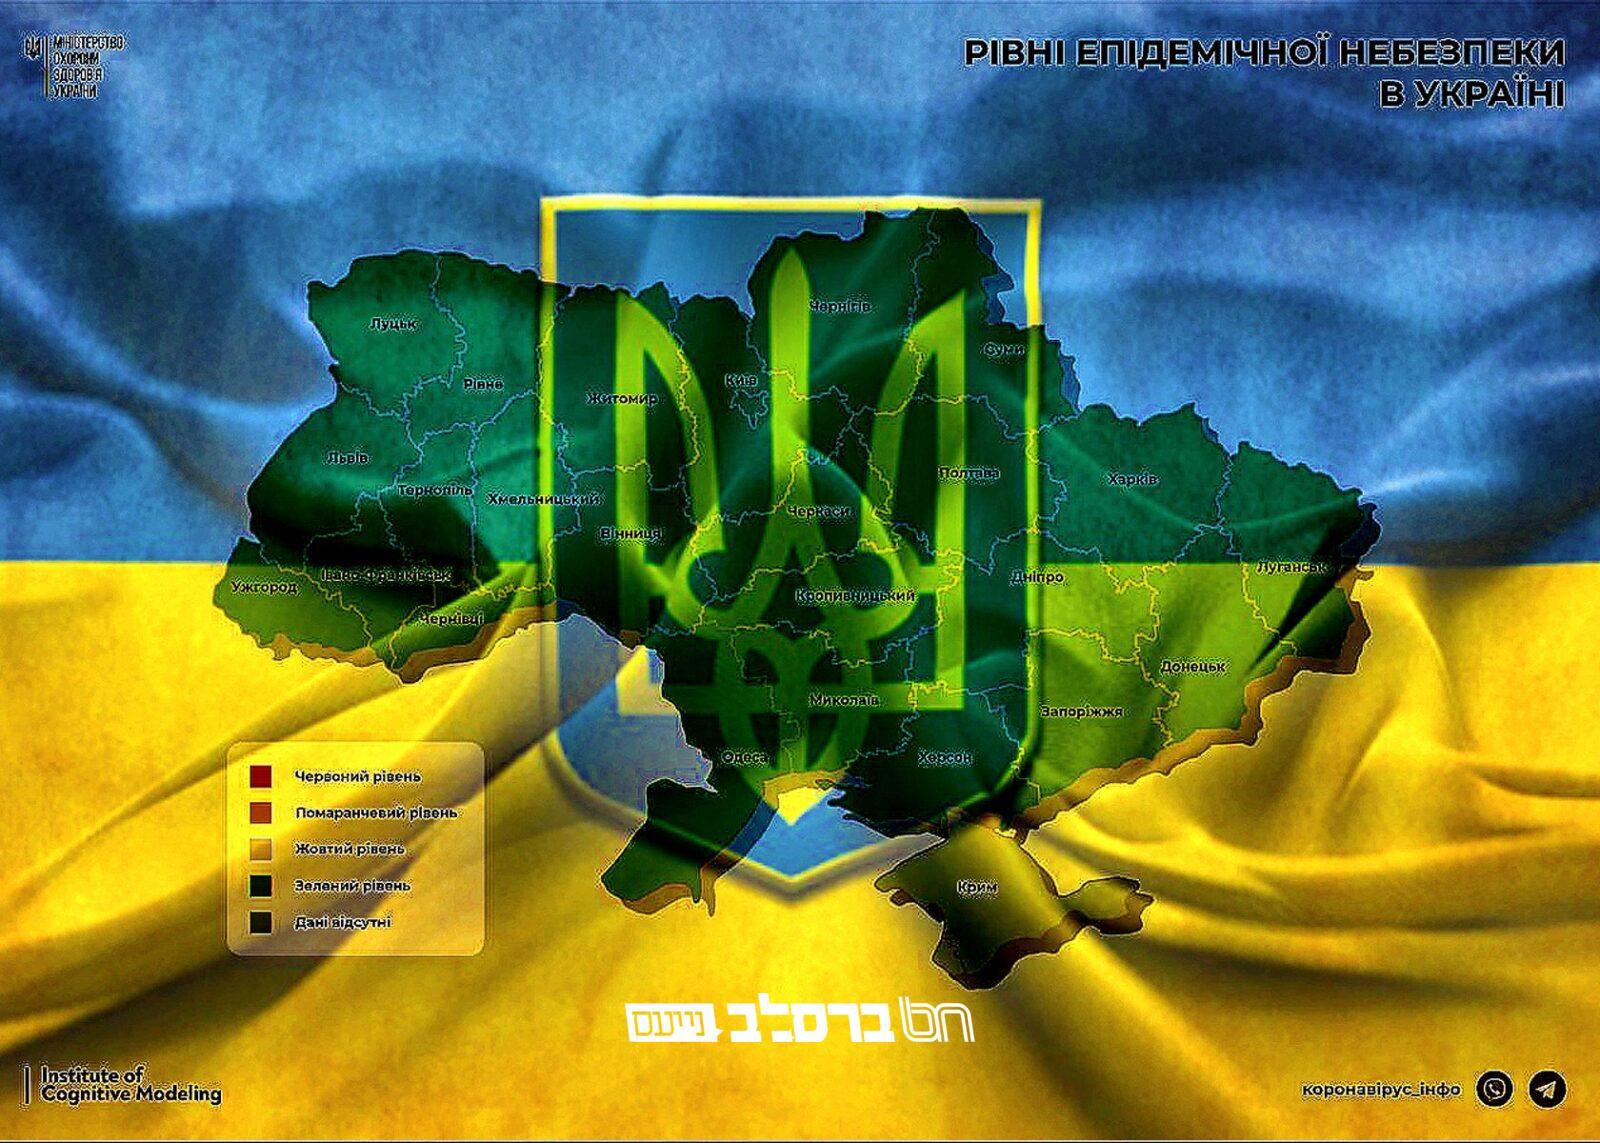 אוקראינה • מצב התחלואה במגמת ירידה מתמשכת